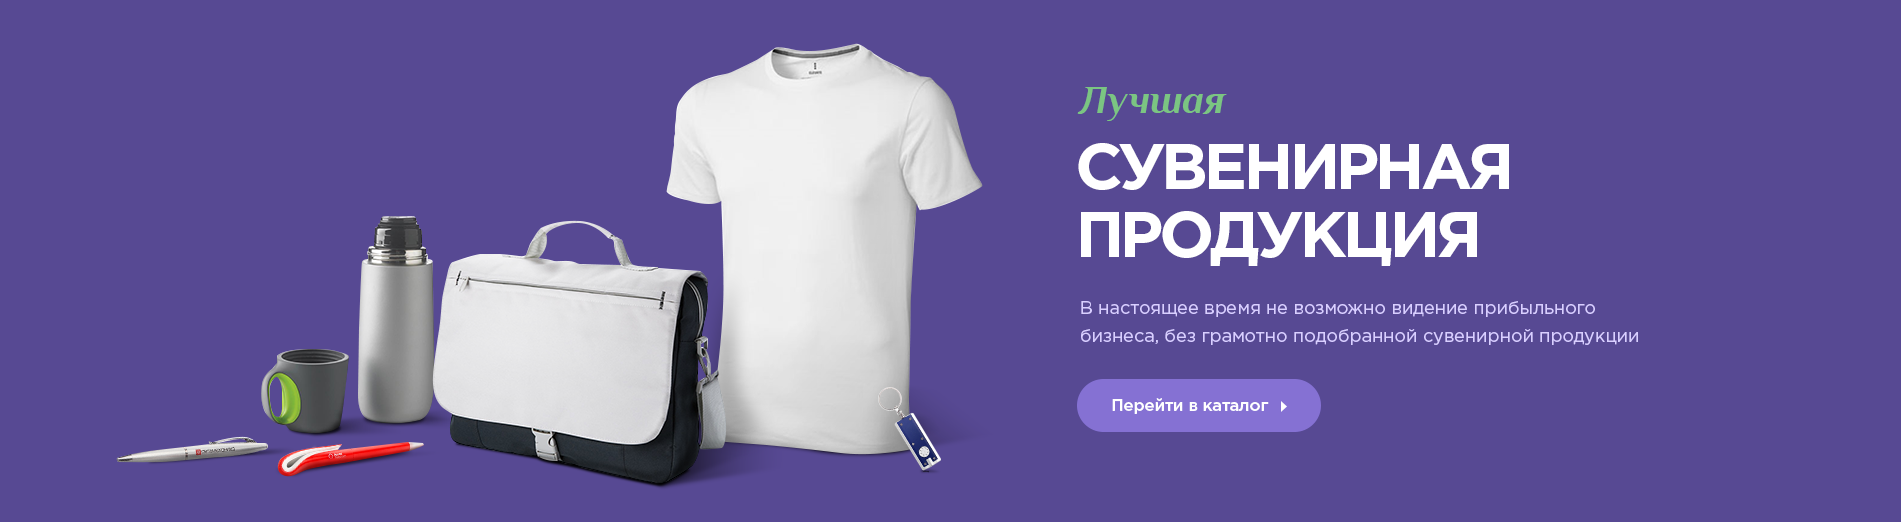 Рекламно сувенирная продукция в Киеве e7b25a7fc360f